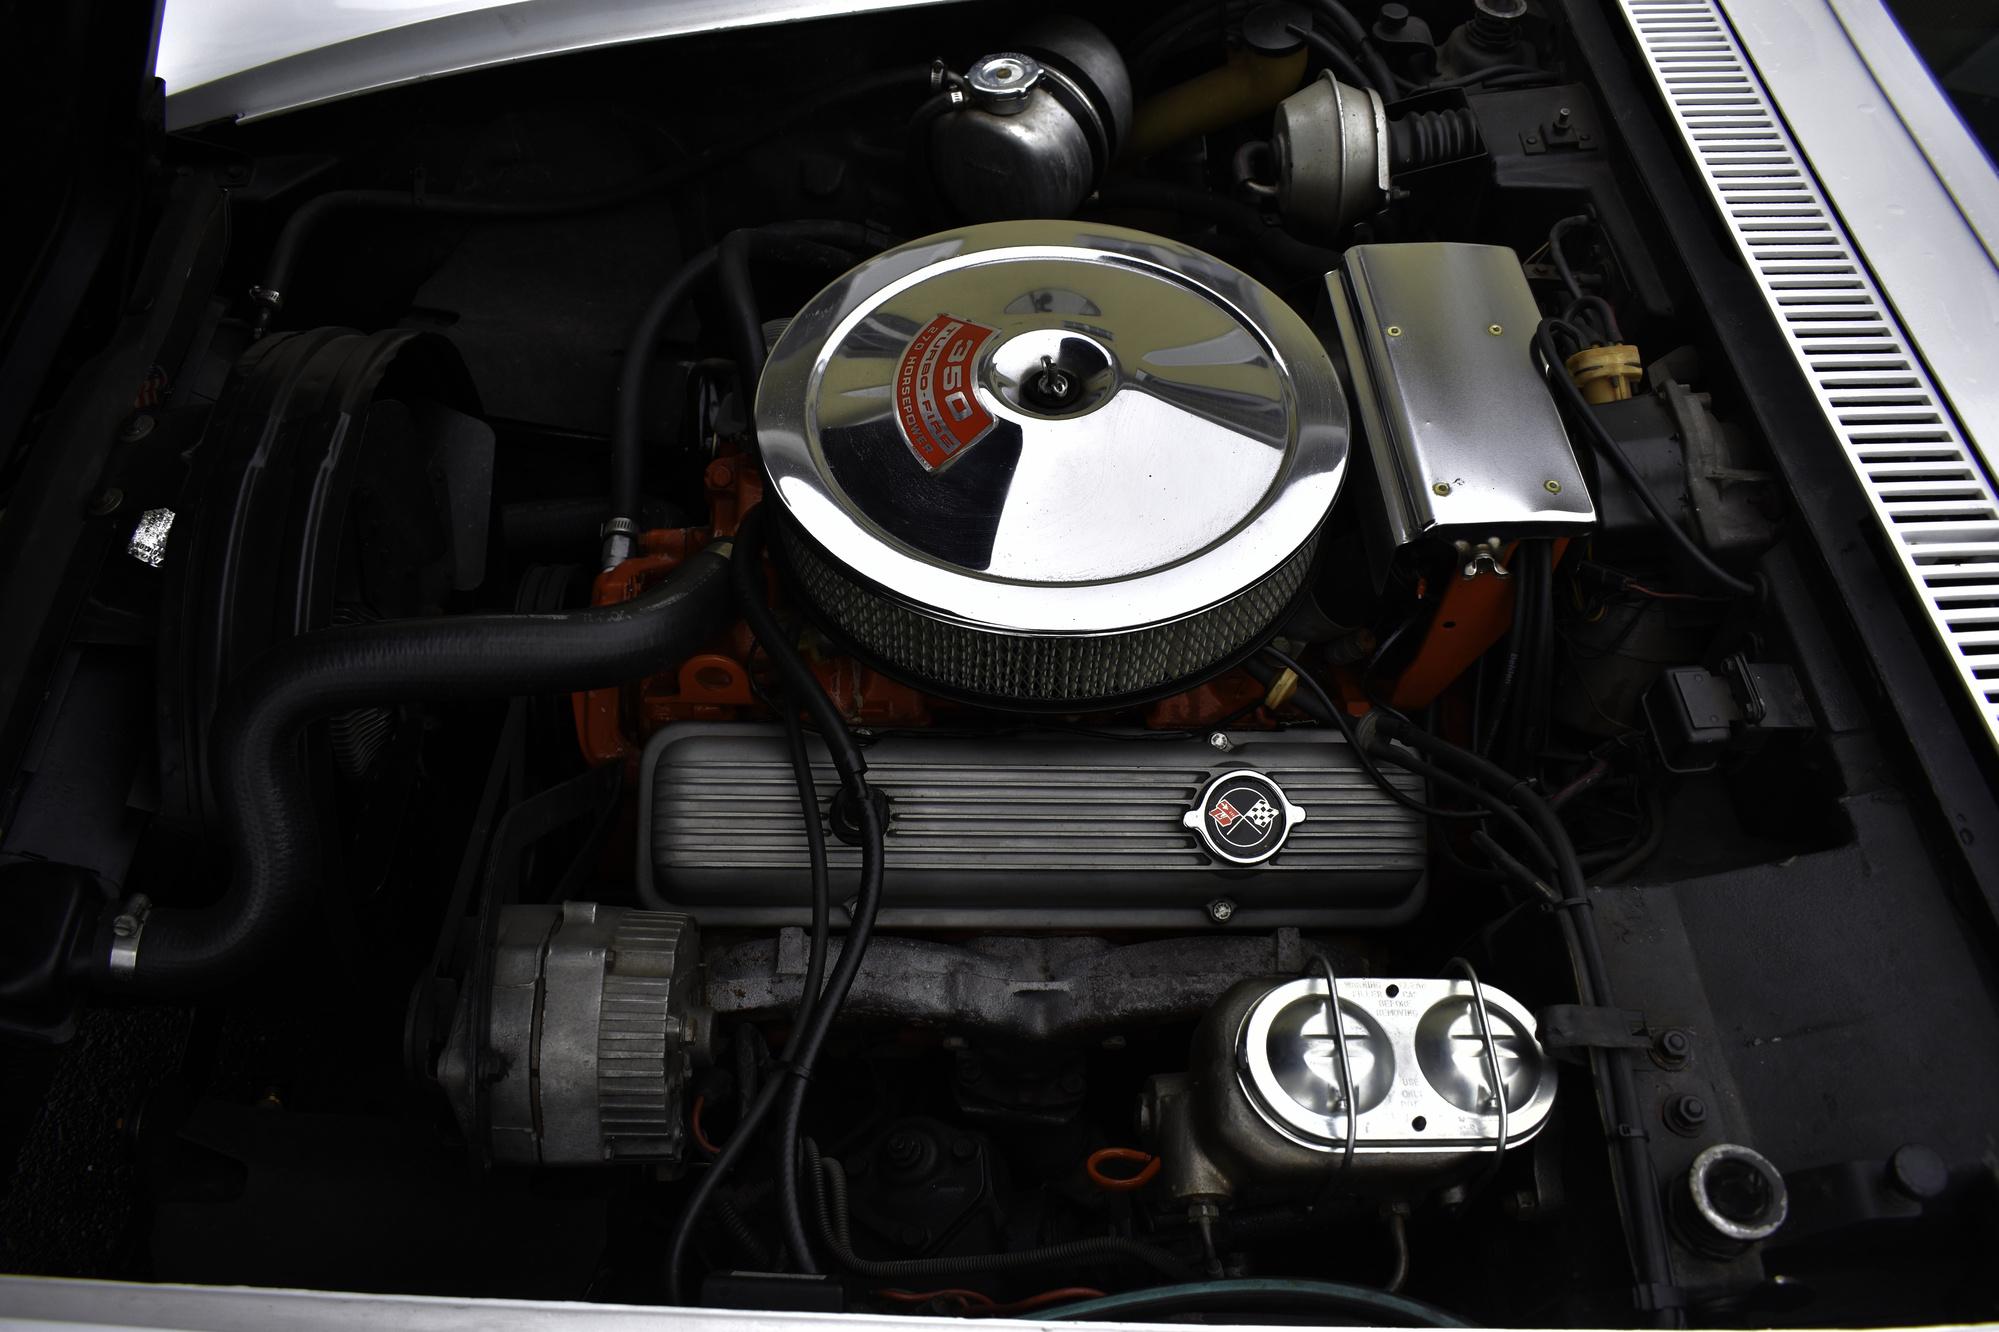 Motorraum einer weissen Chevrolet Corvette C3 Stingray 350 cuin 5.7 Liter von 1971